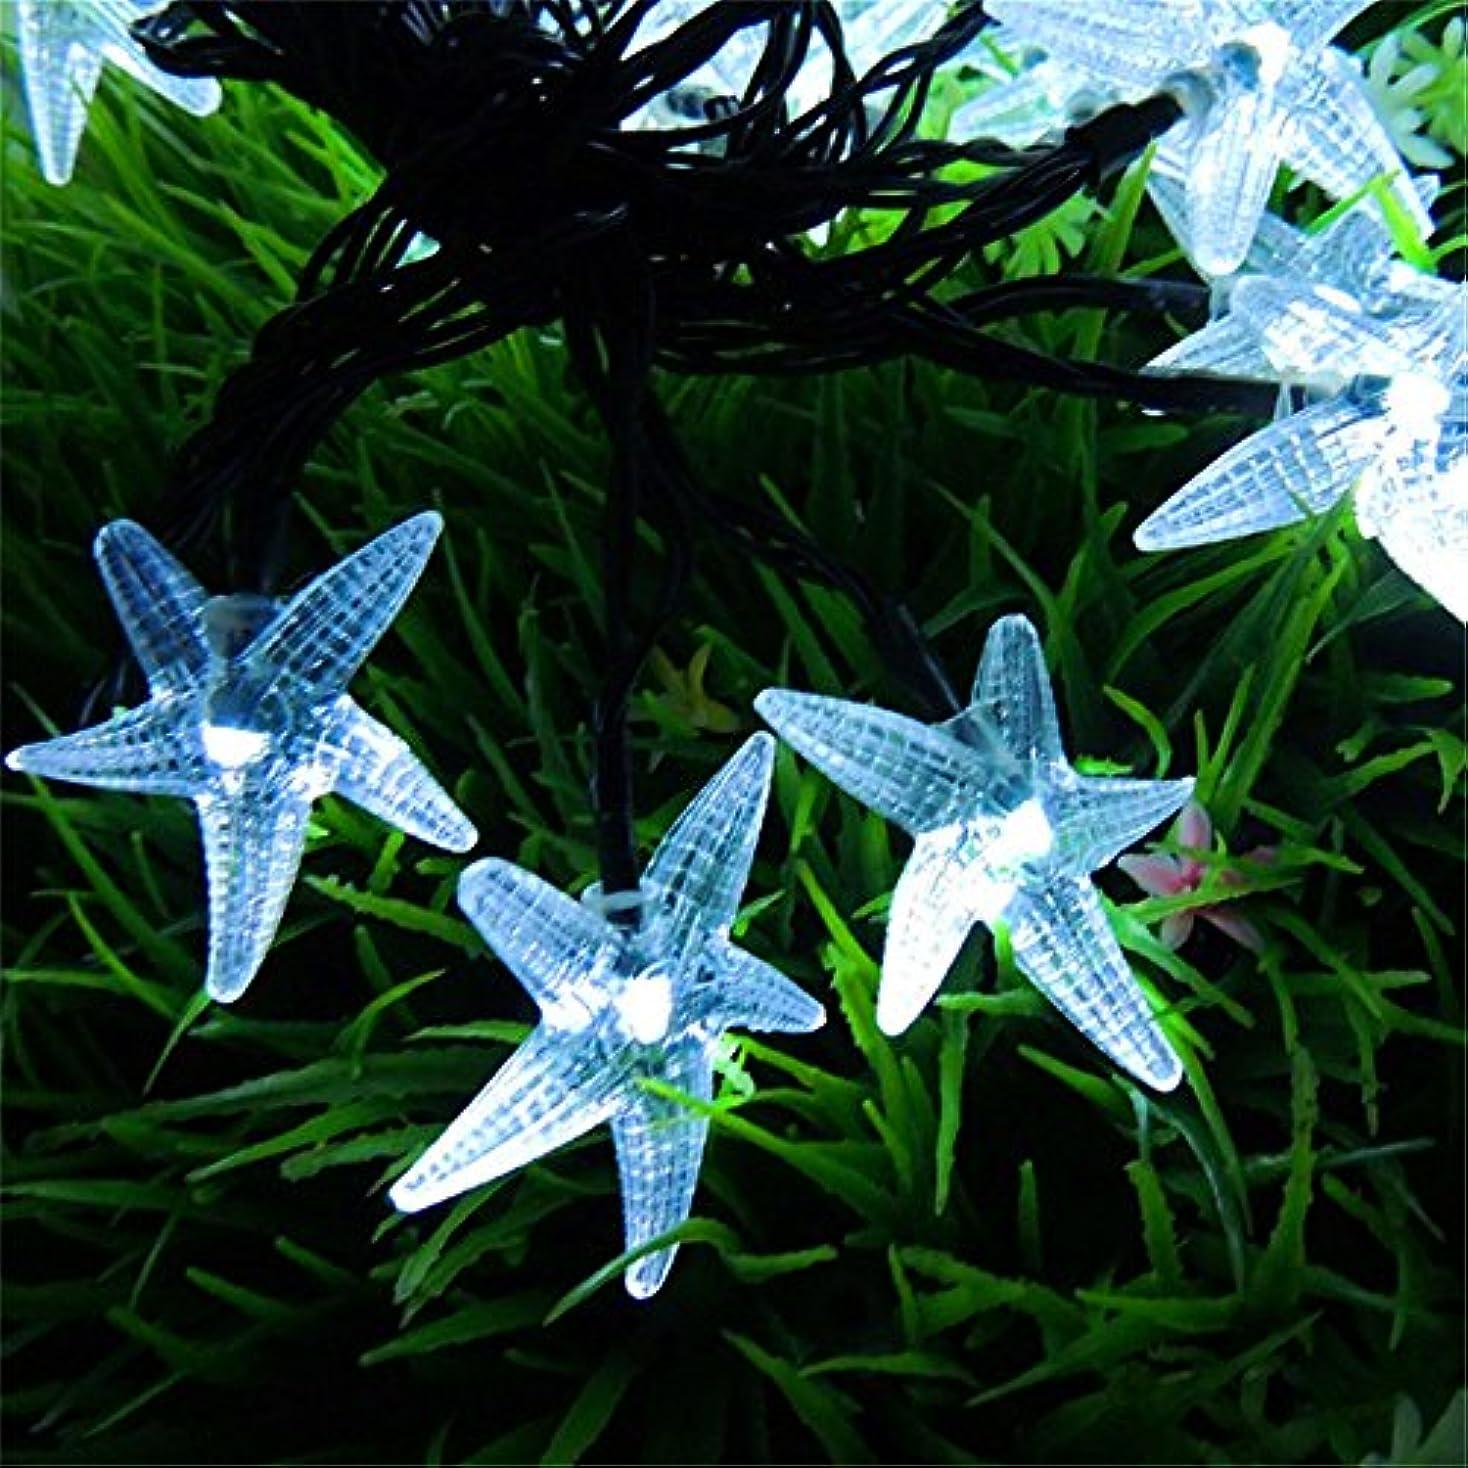 動作正午起訴するソーラーストリングライト、SIMPLE DO LEDライト イルミネーション クリスマス パーティー 防水 省エネ 環境に優しい 使いやすい カラフル(ホワイト)